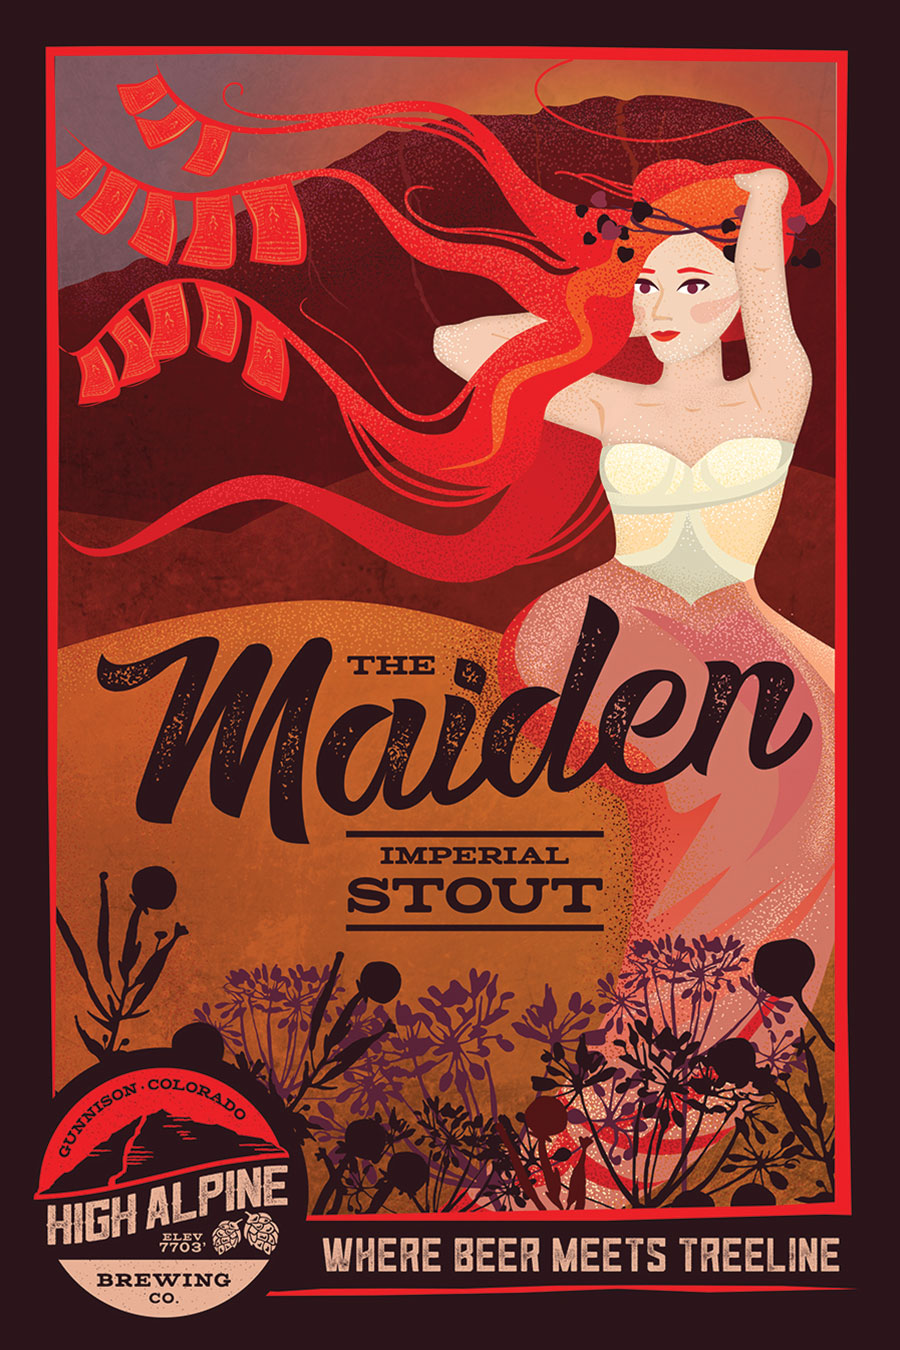 beer-can-design-label-art-brewery-colorado